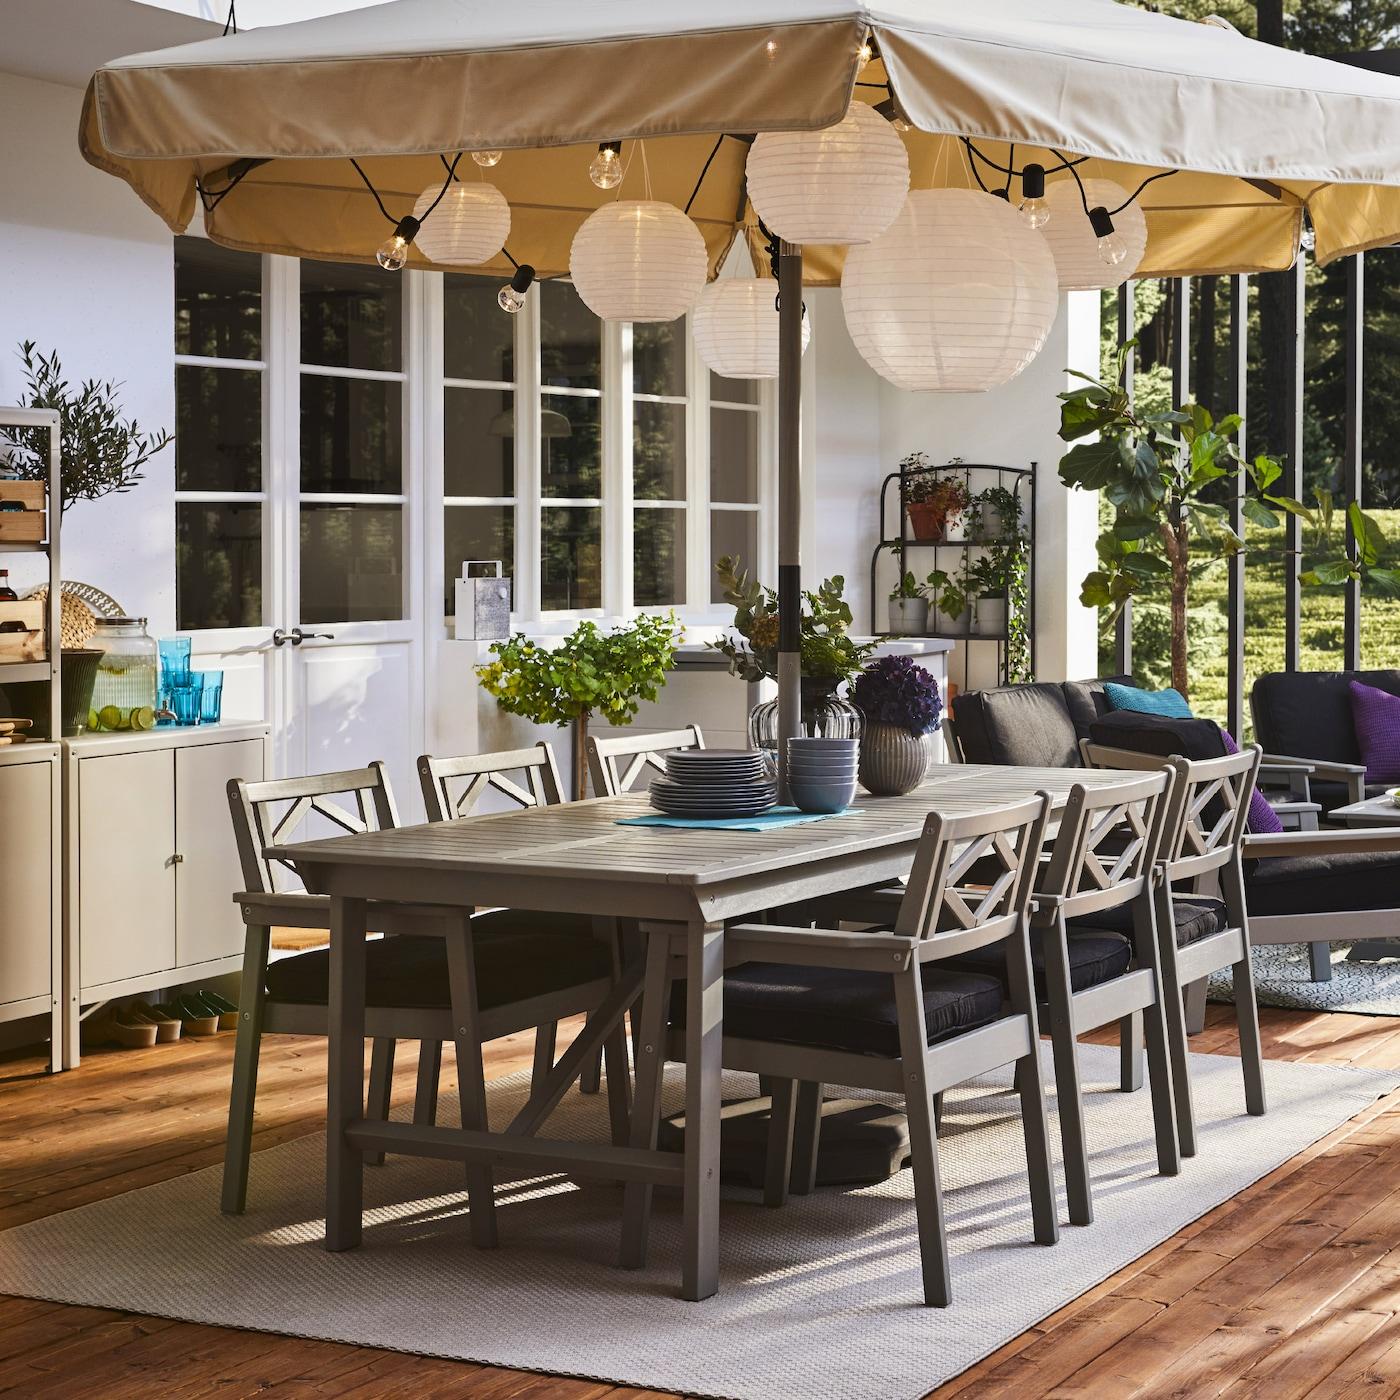 宽敞的露台上有灰色桌子和扶手椅、巨大的阳伞、圆形吊灯和木质地板饰面。